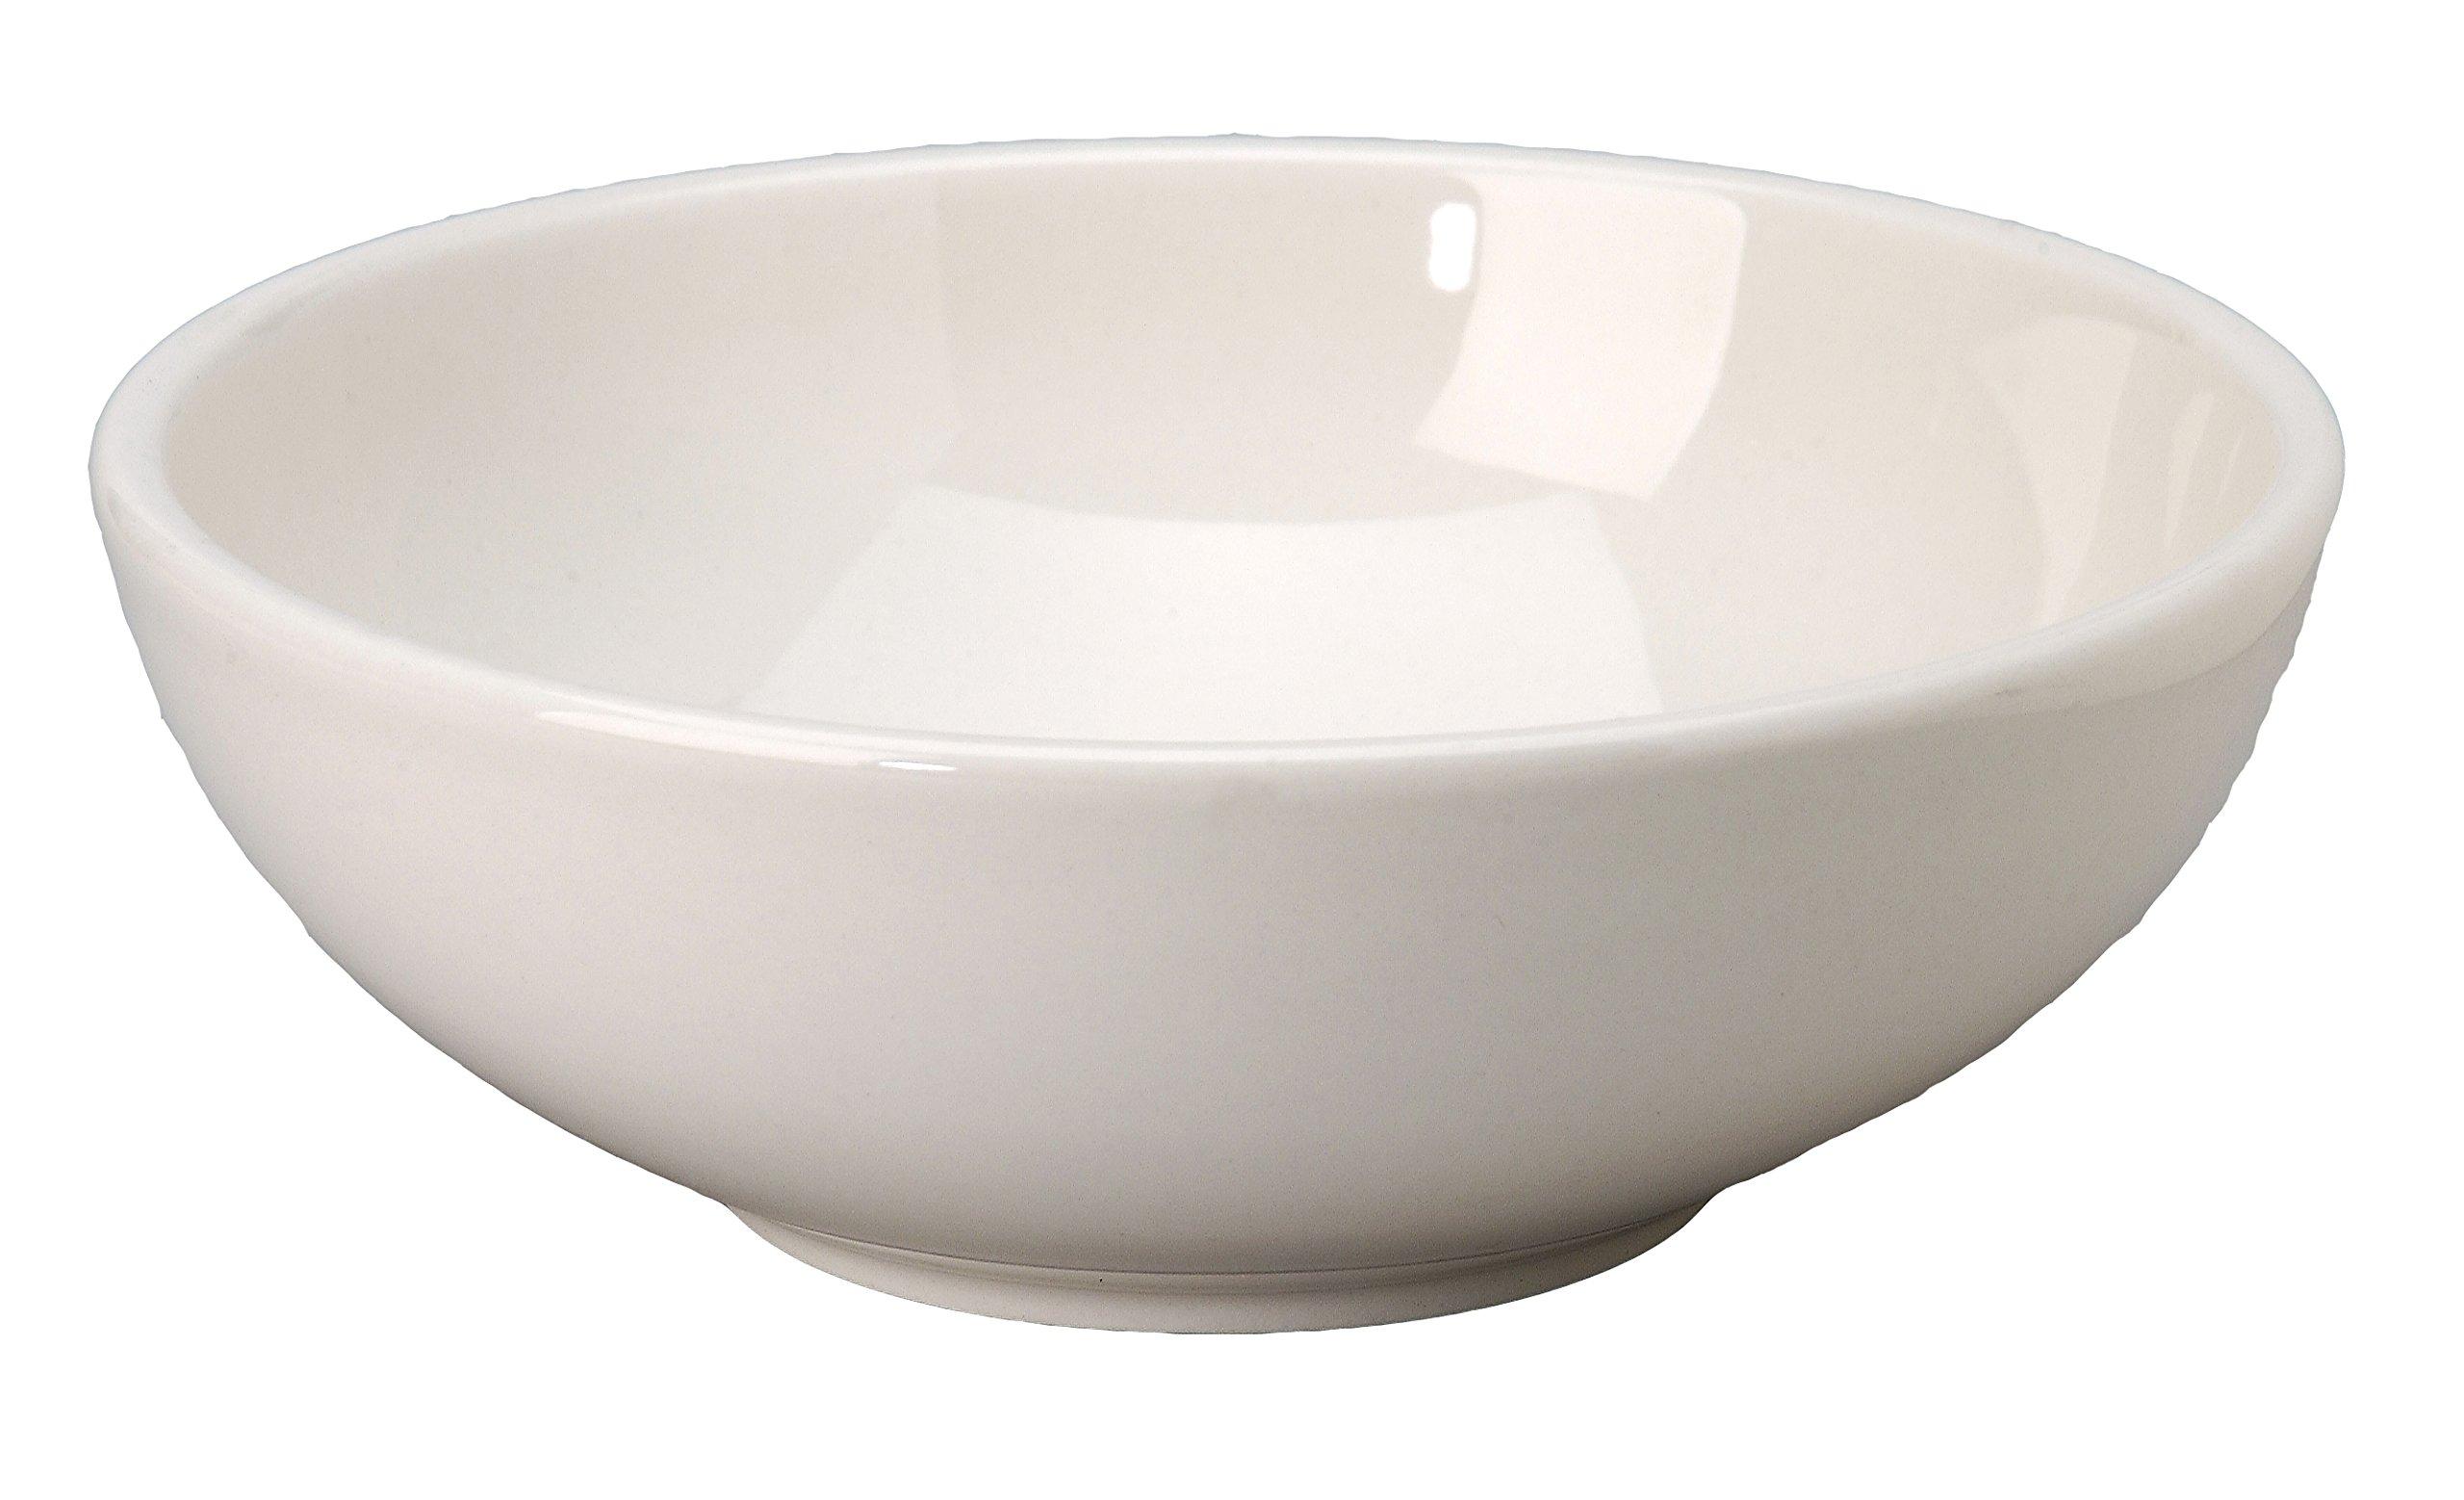 Vertex China VRE-82 Vista Pasta/Salad Bowl, 9'', 60 oz., Bone White (Pack of 12)